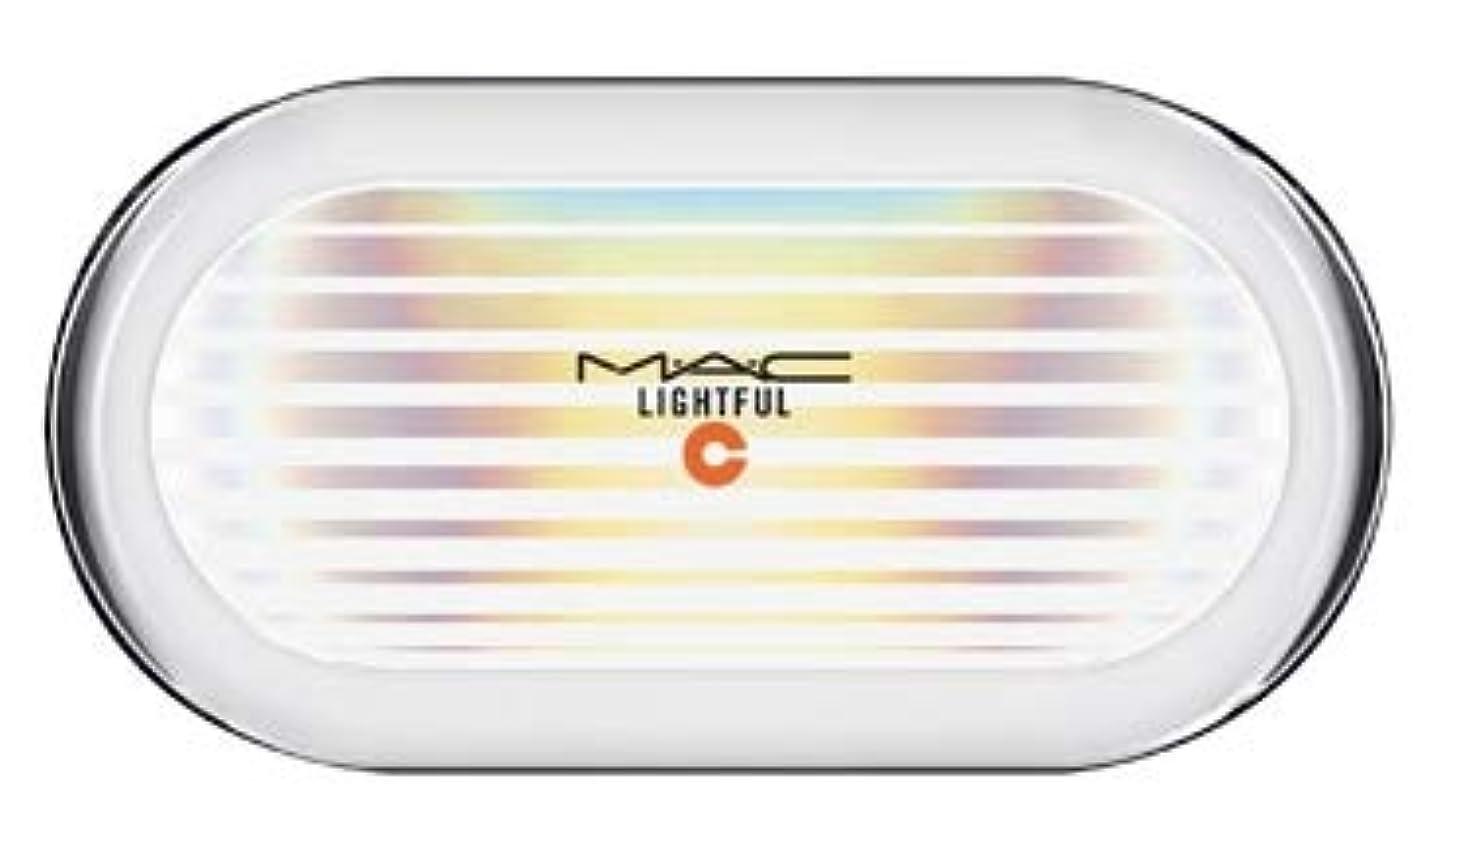 完璧な離れてスタジオマック ライトフル C+ SPF 30 ファンデーション (ケースのみ) -M?A?C MAC-